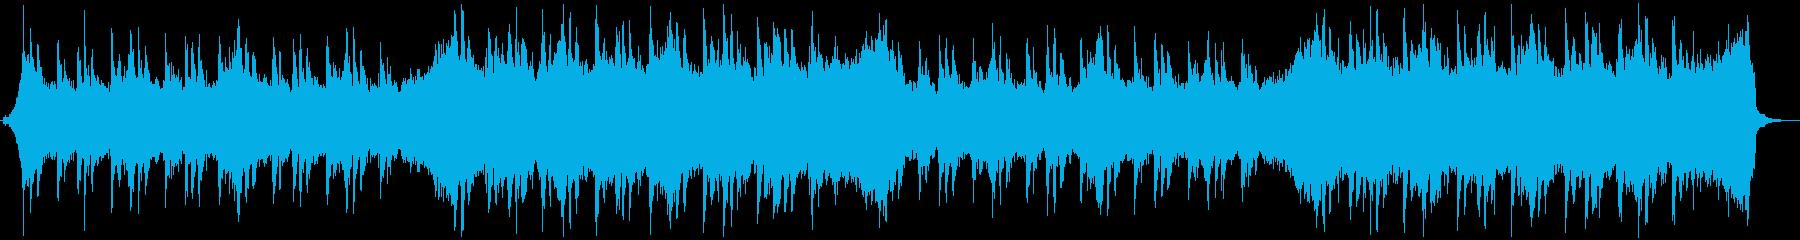 ロック・力強い・洋楽・わくわくポジティブの再生済みの波形